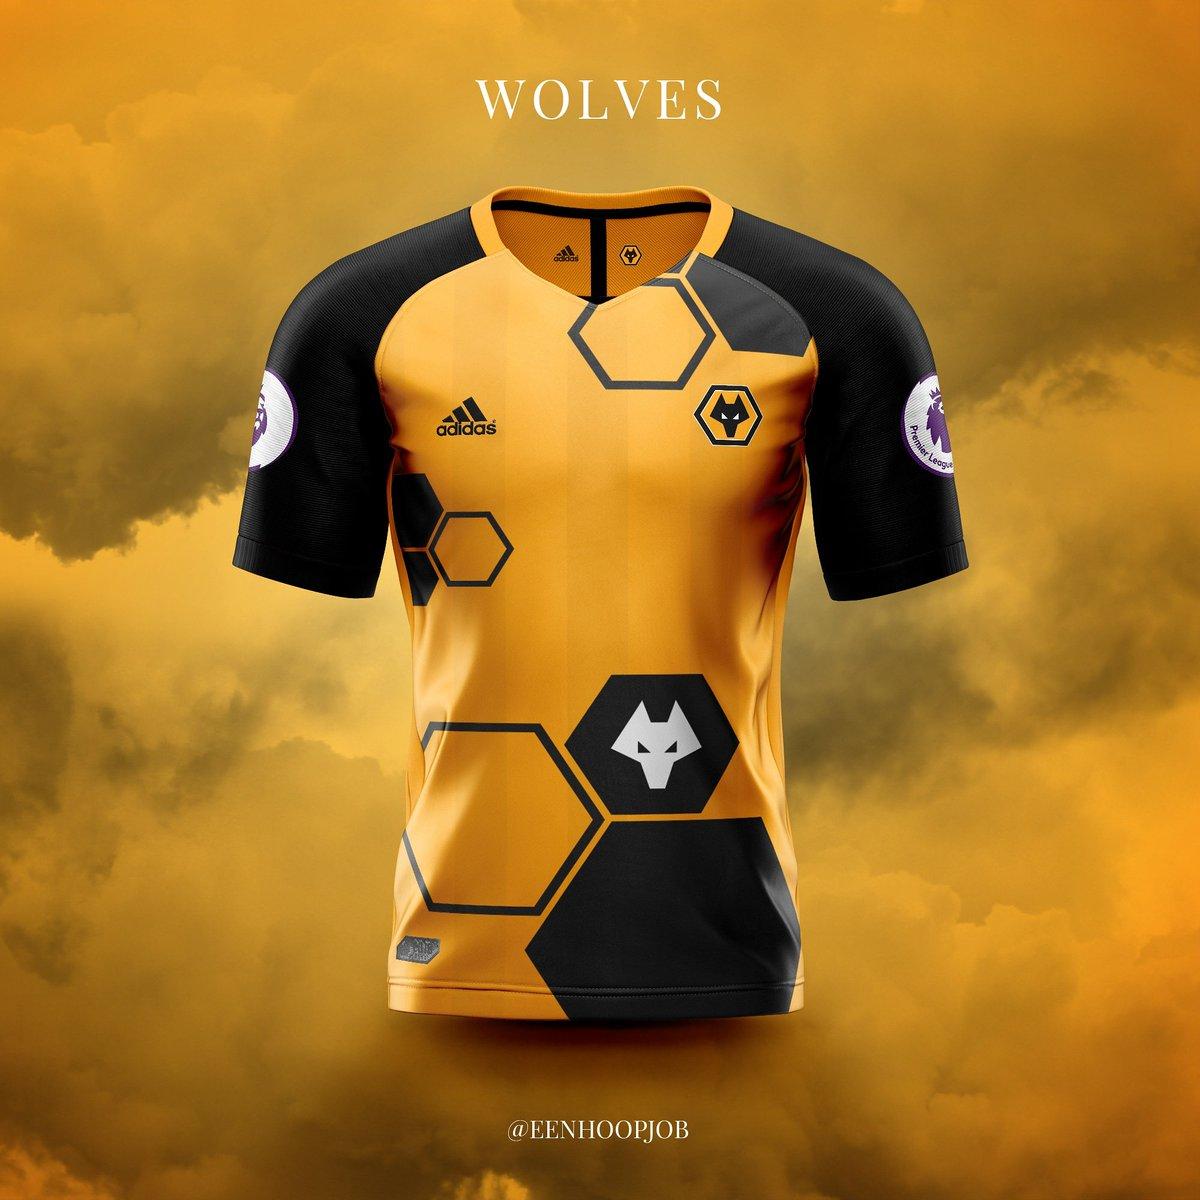 668e8f3ed Job - Eenhoopjob Football Kit Designs on Twitter